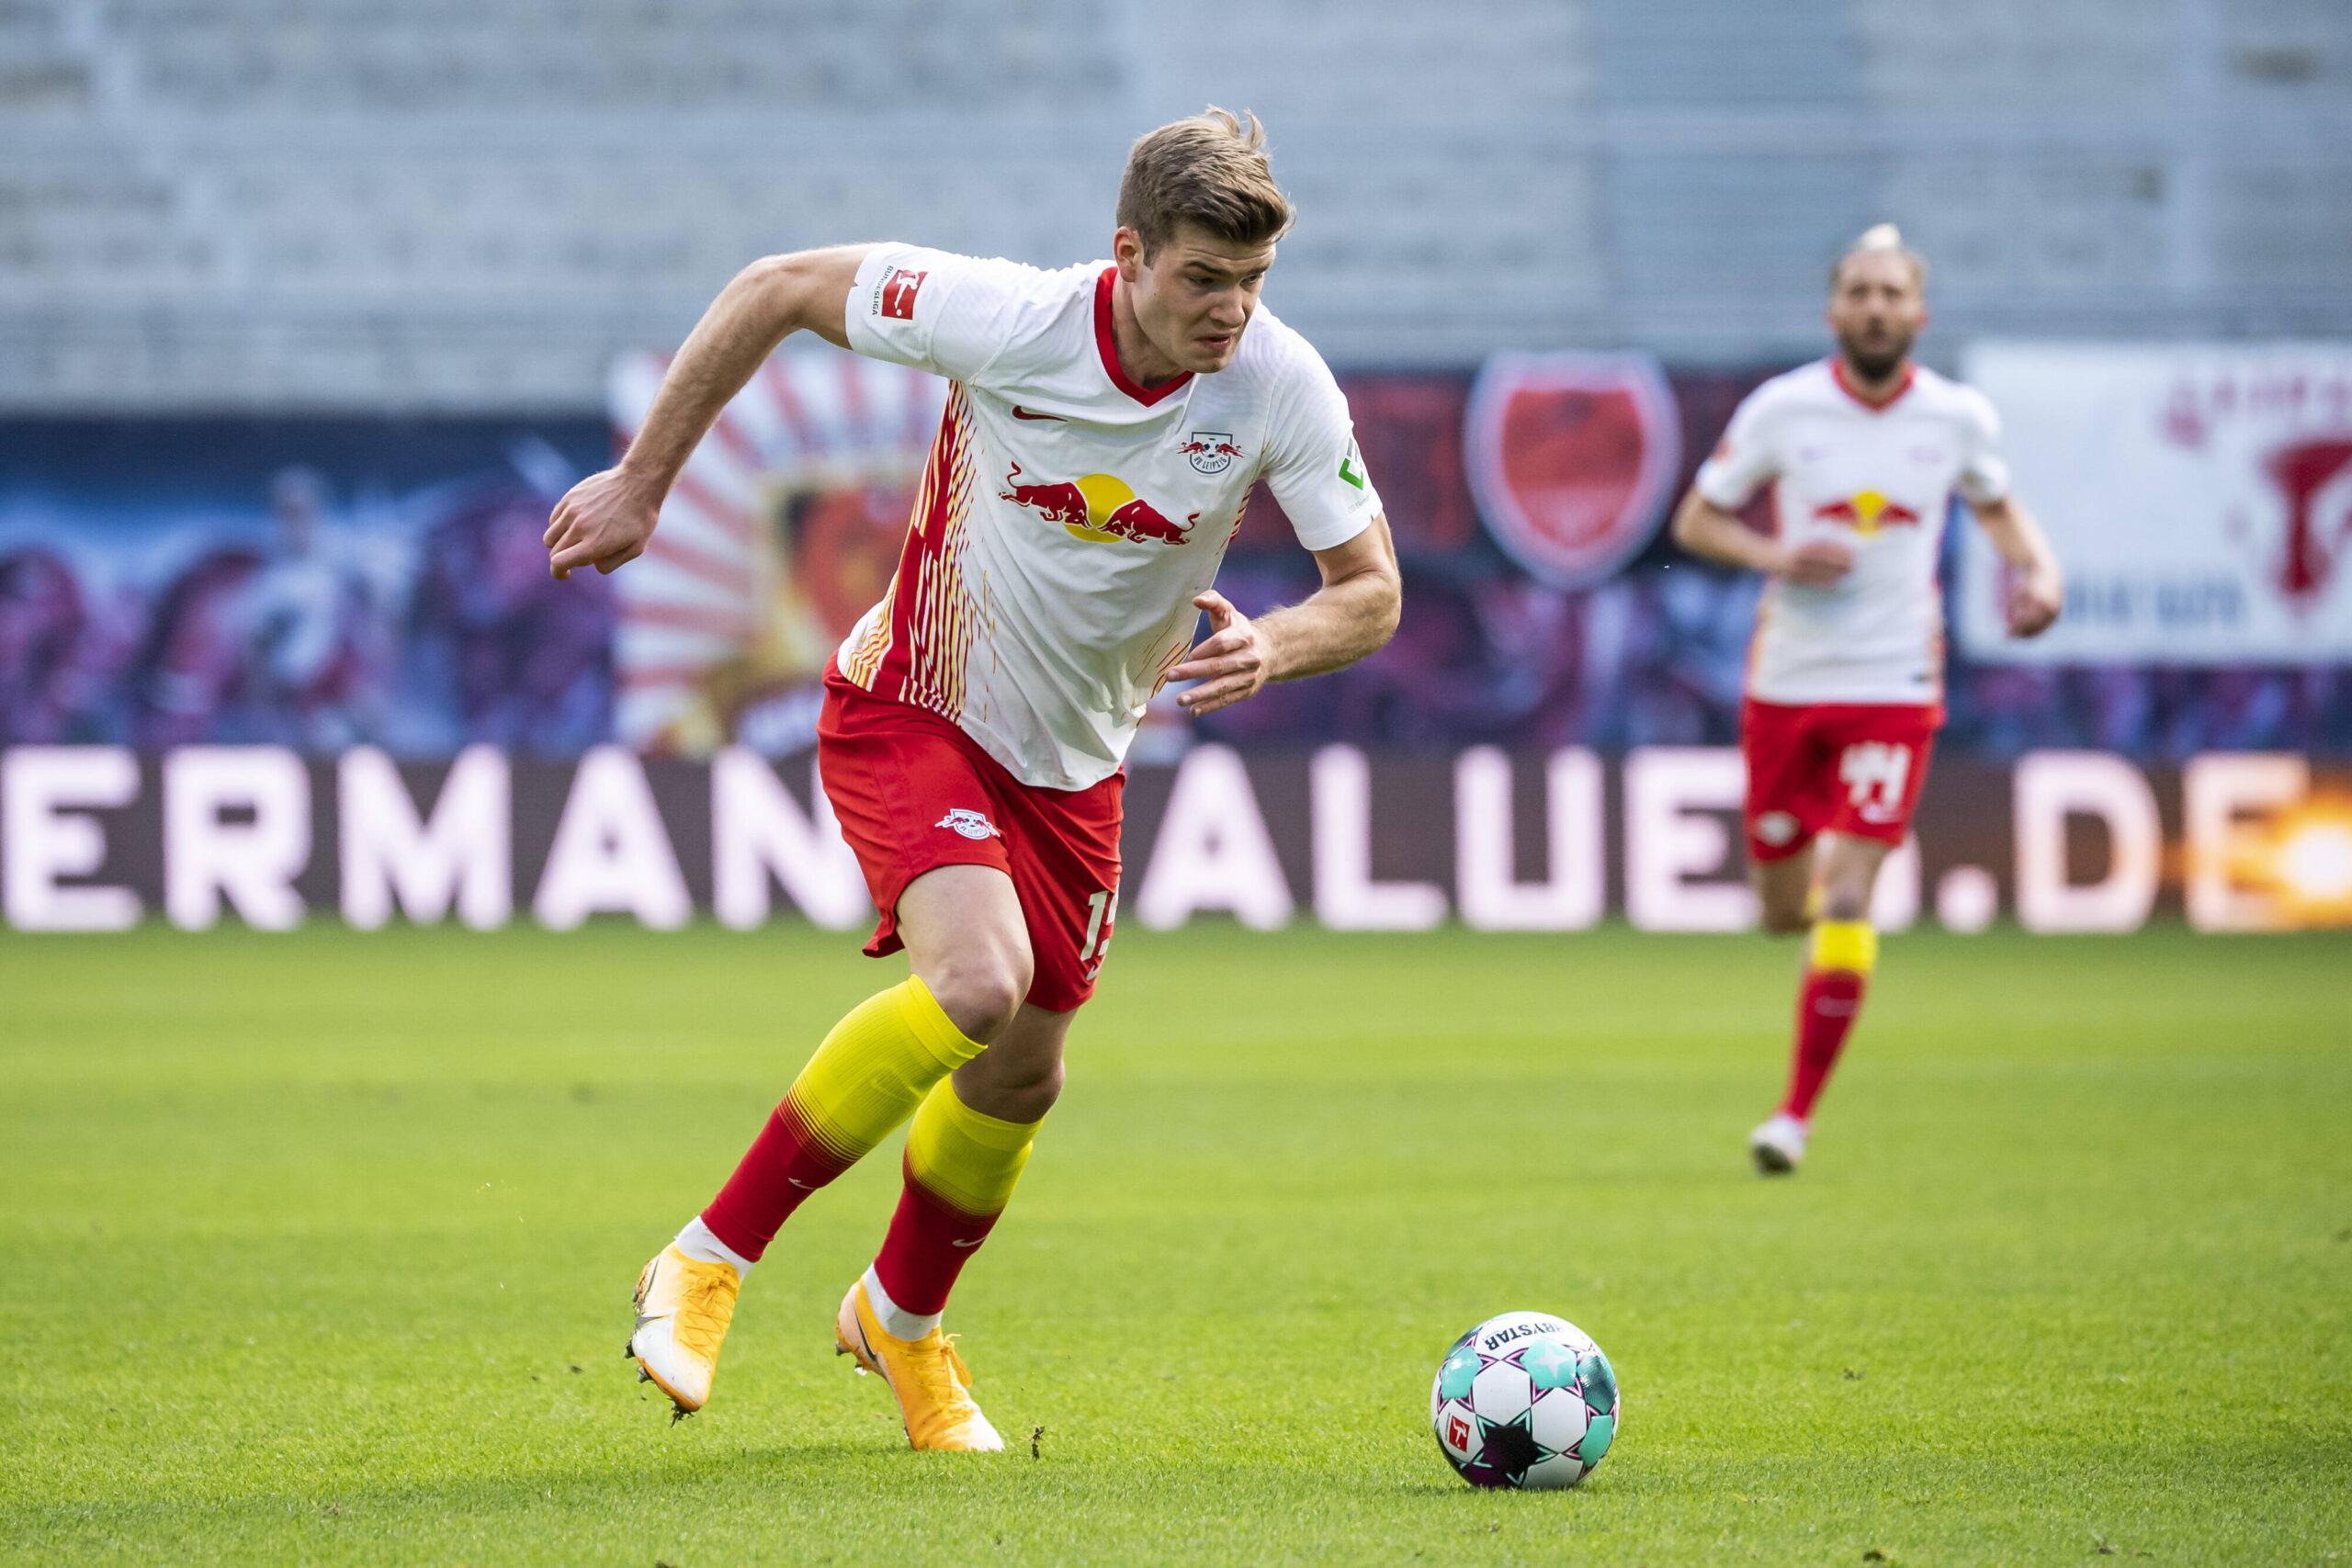 Alexander Solorth seguirá su carrera en la Real Sociedad si todo sigue su curso. Foto: Imago.